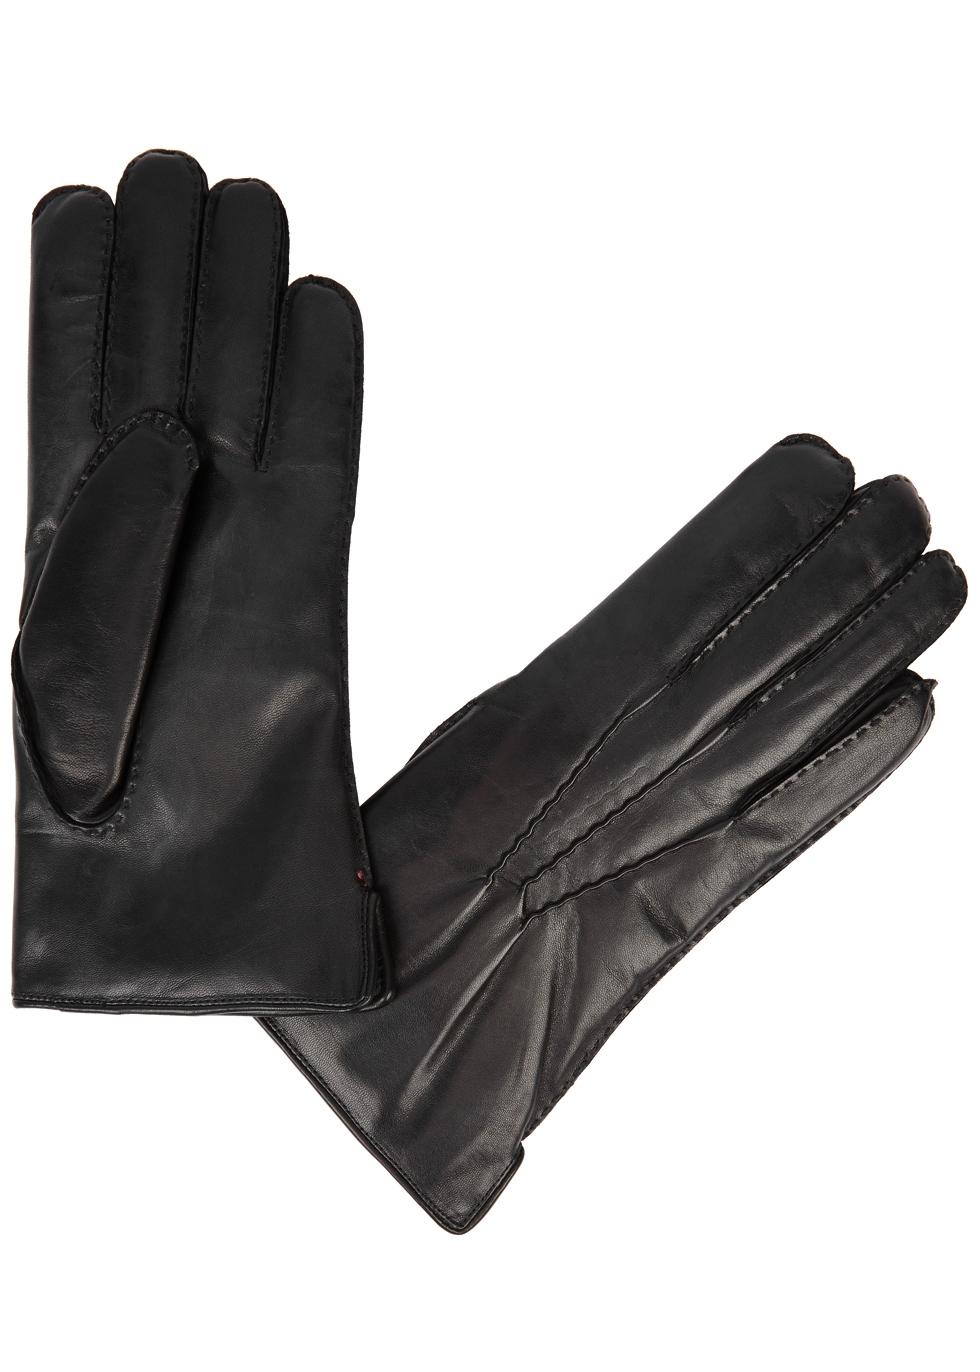 DENTS Pembroke Fur-Lined Leather Gloves in Black